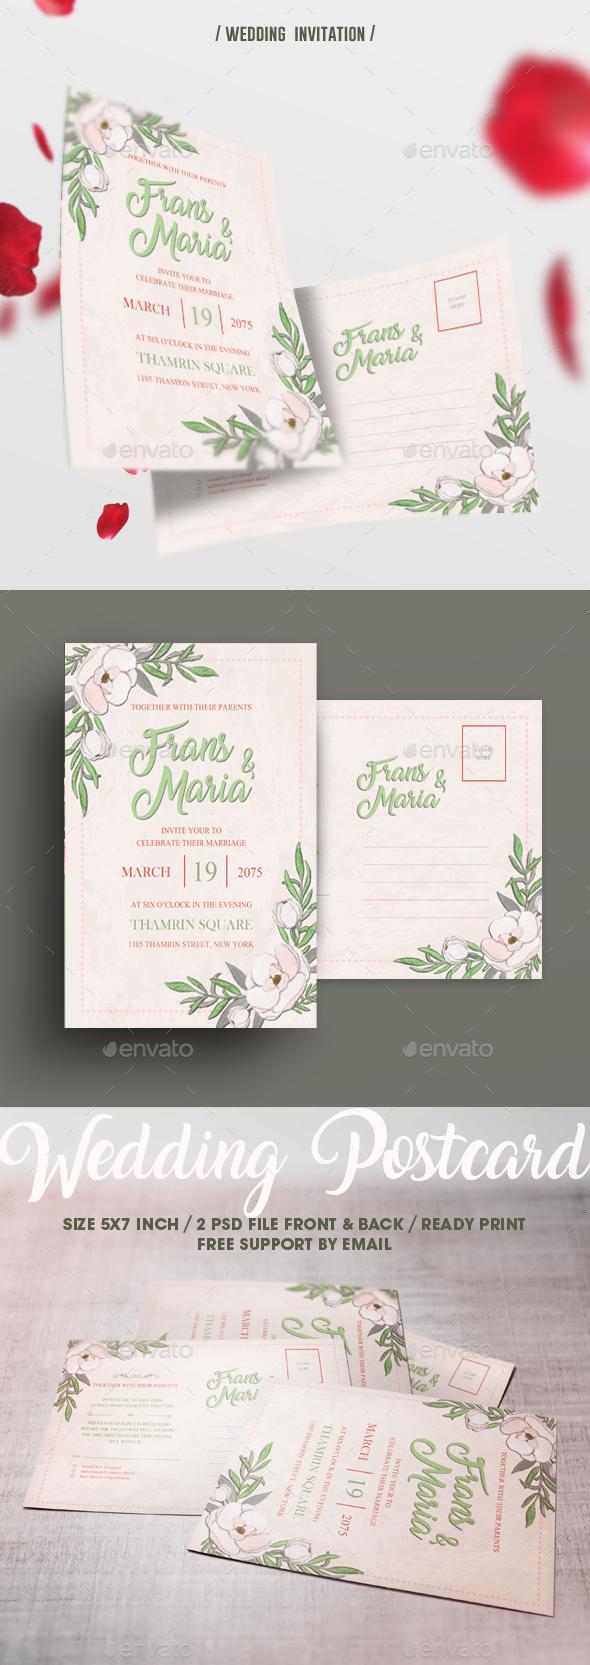 Simple Wedding Invitation - Weddings Cards & Invites